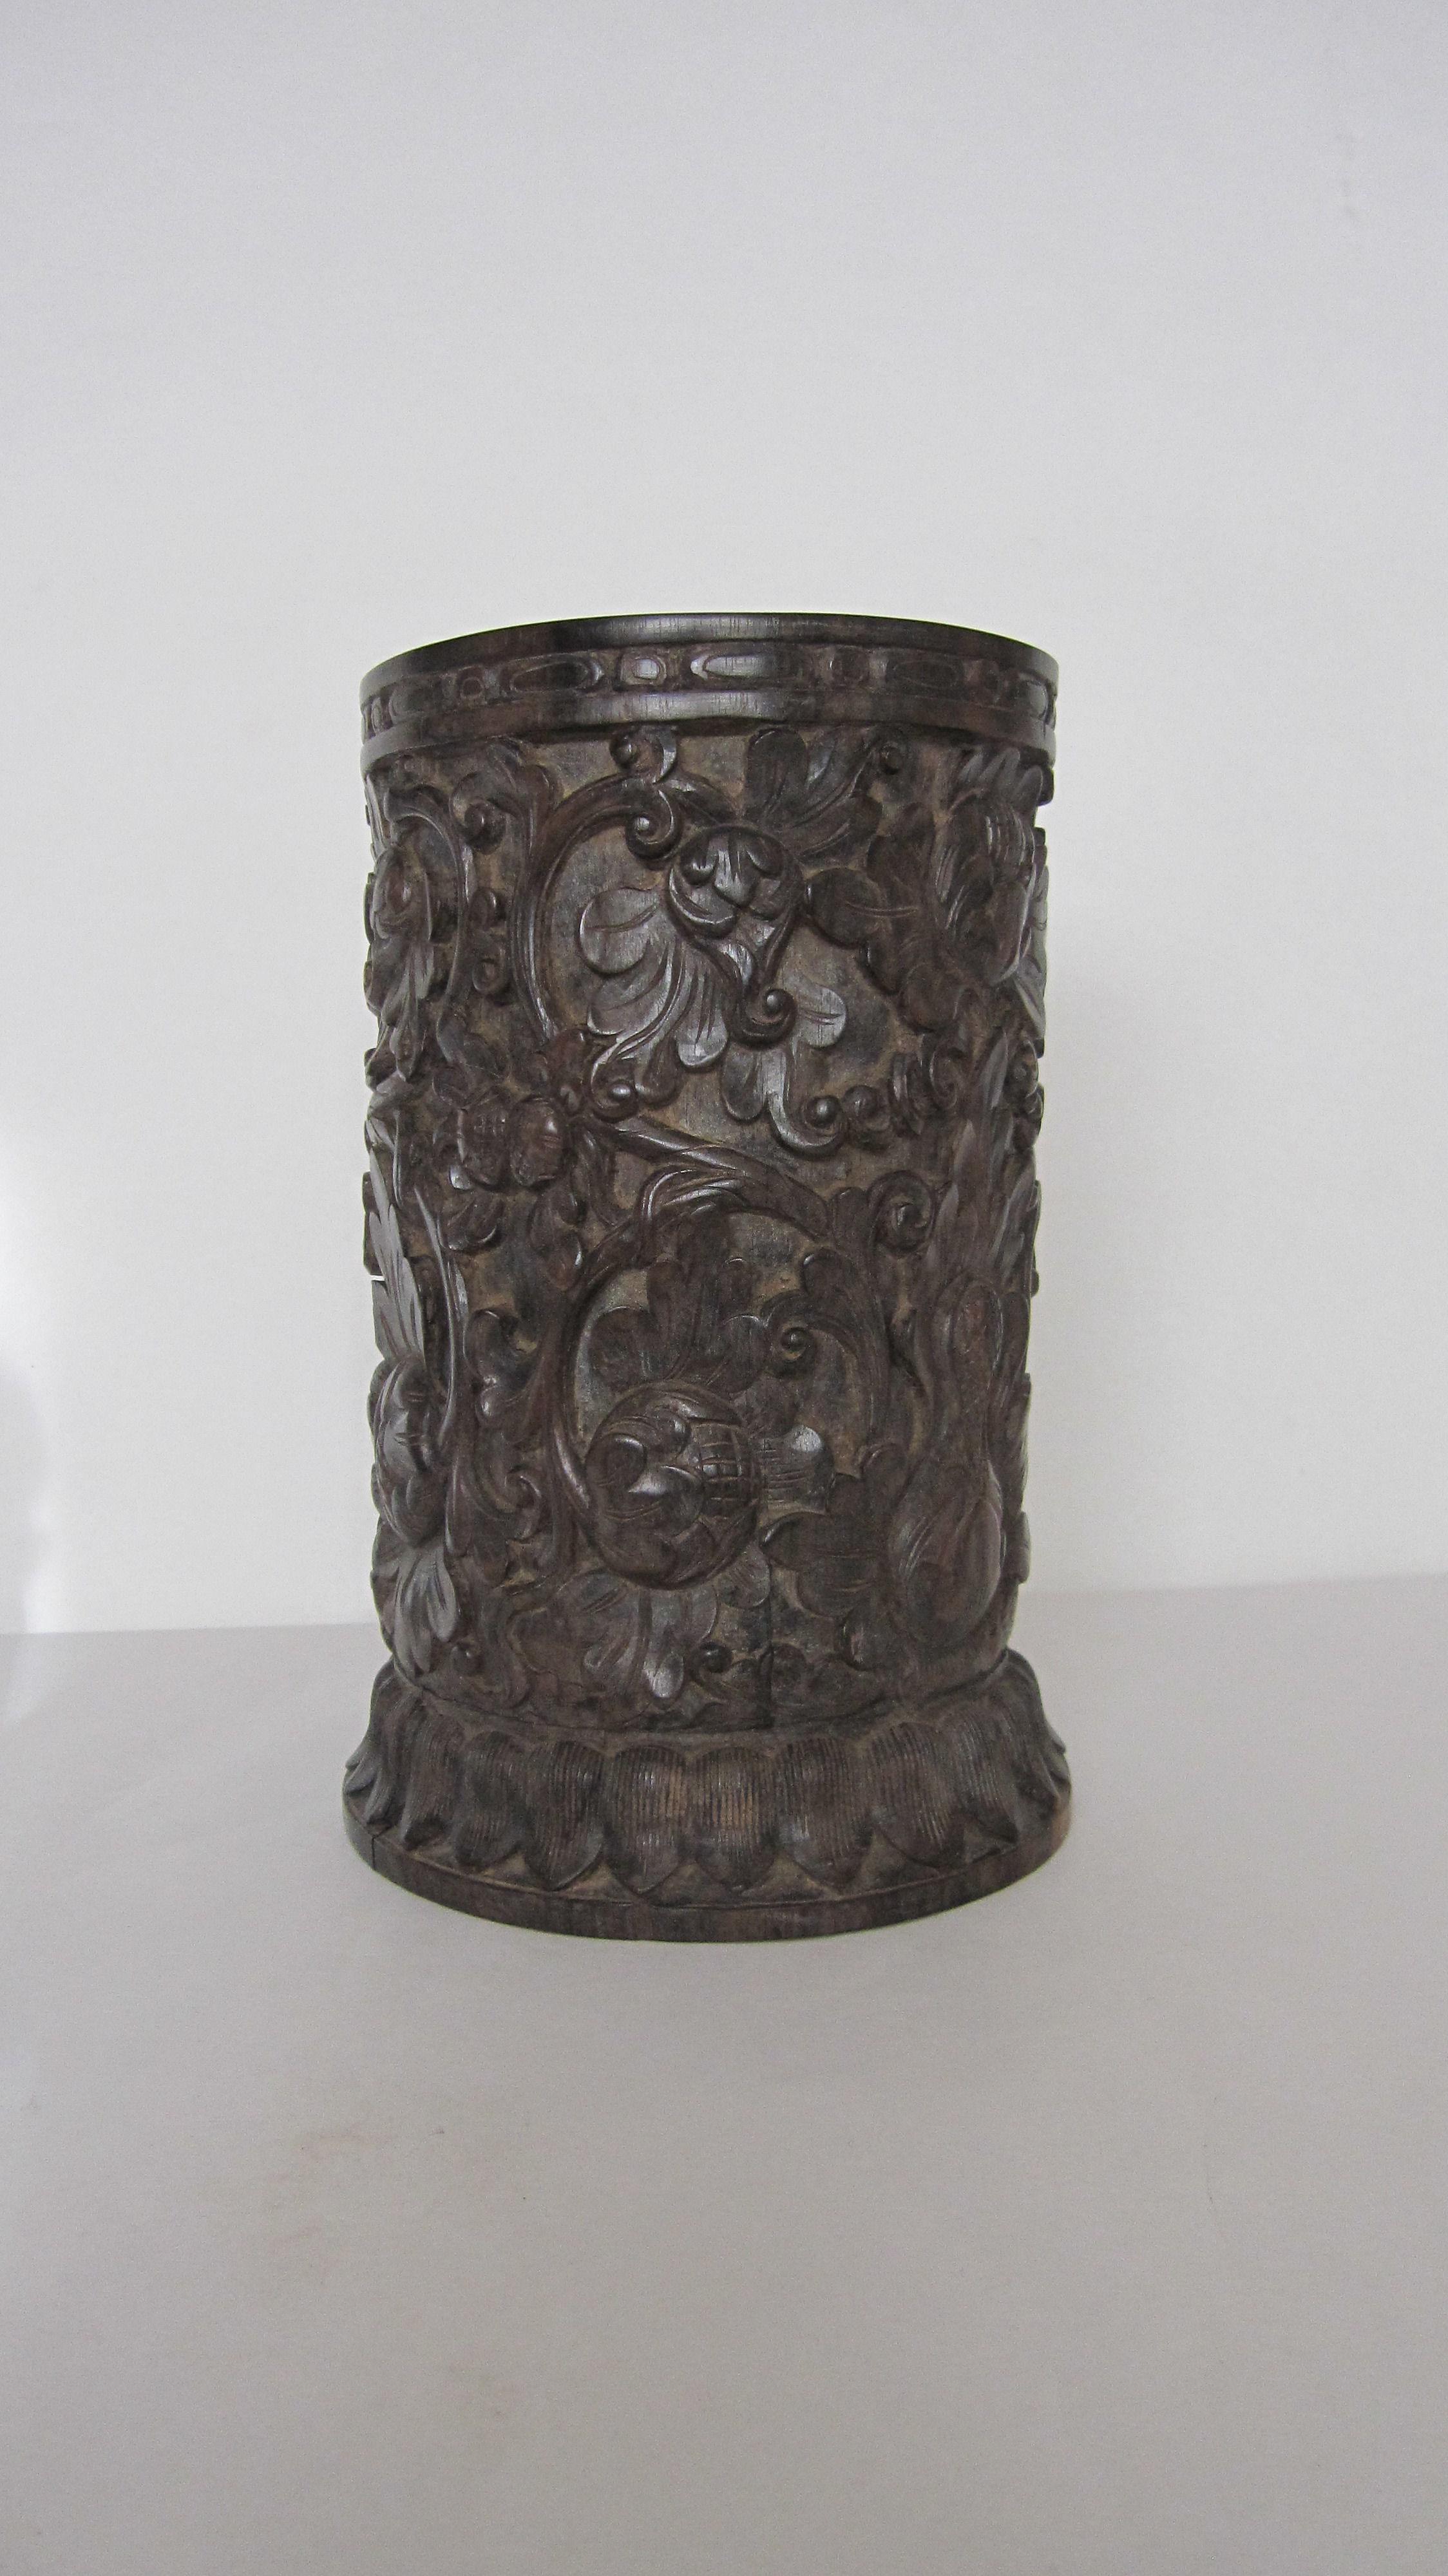 96.花瓶(黒檀材)            (幅15×奥行14.8×高さ22.3cm)